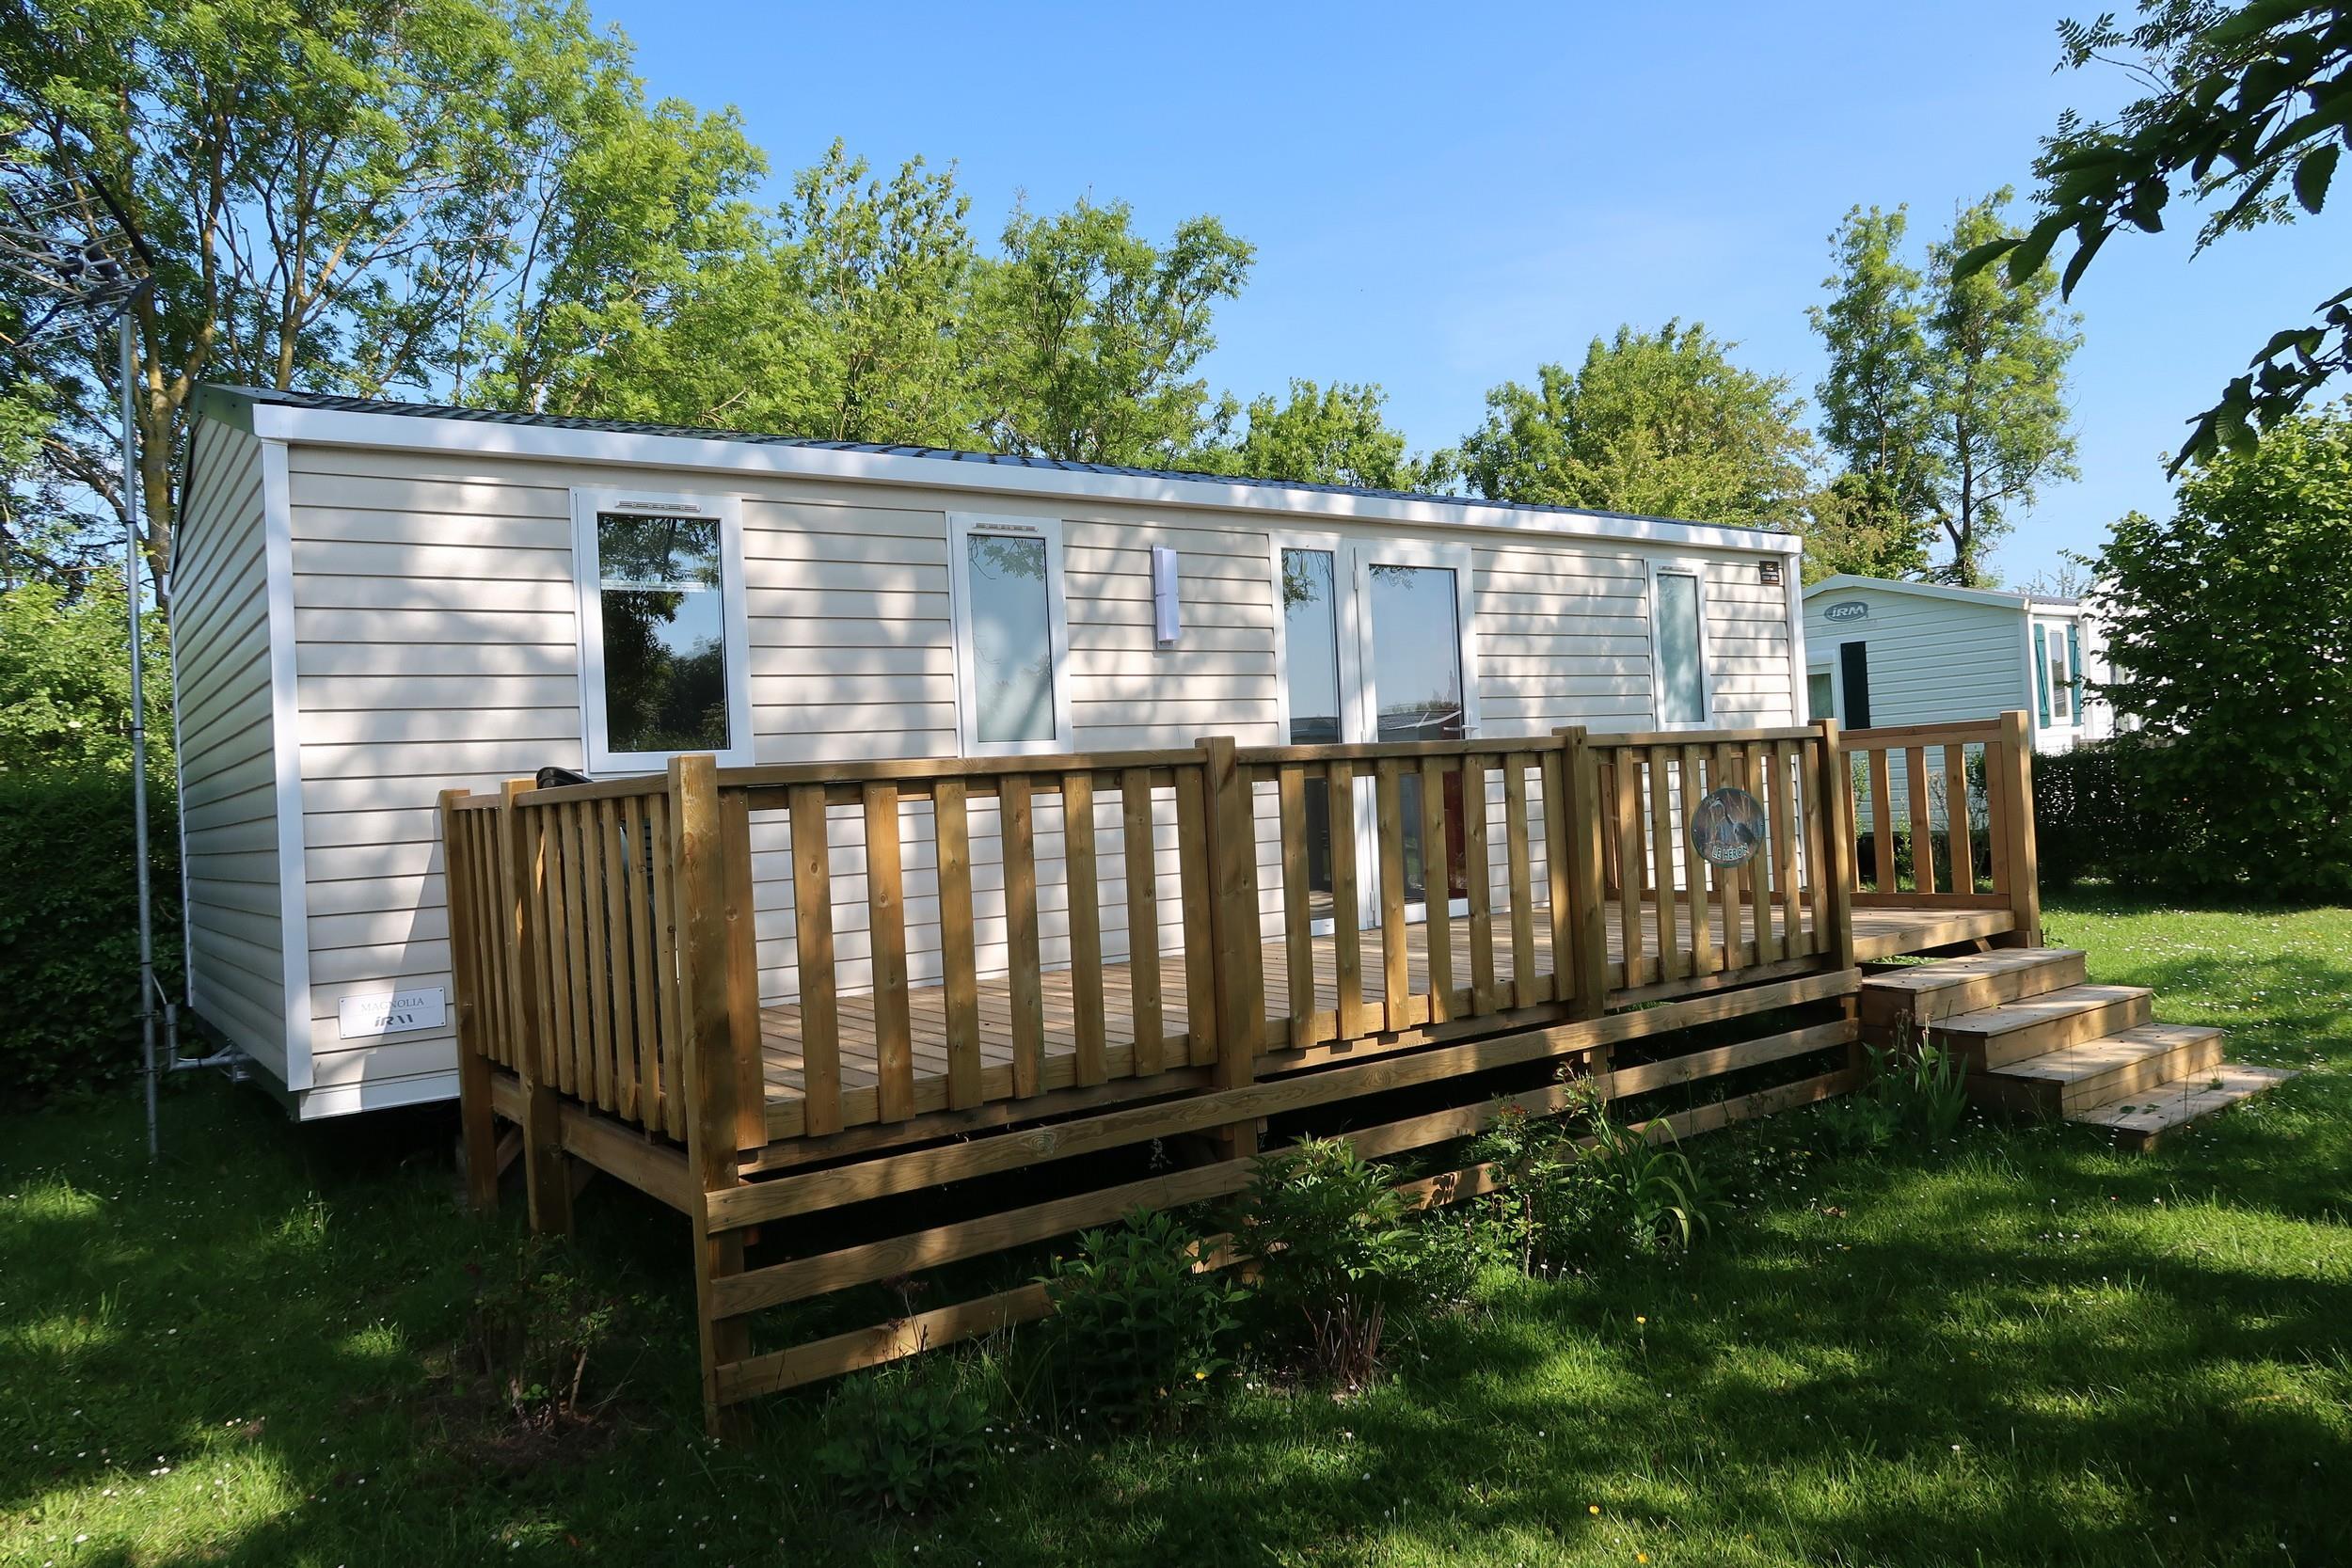 Cottage LE HERON (3 chambres) réservé uniquement pour 5 ou 6 personnes (Marque IRM, modèle Magnolia)